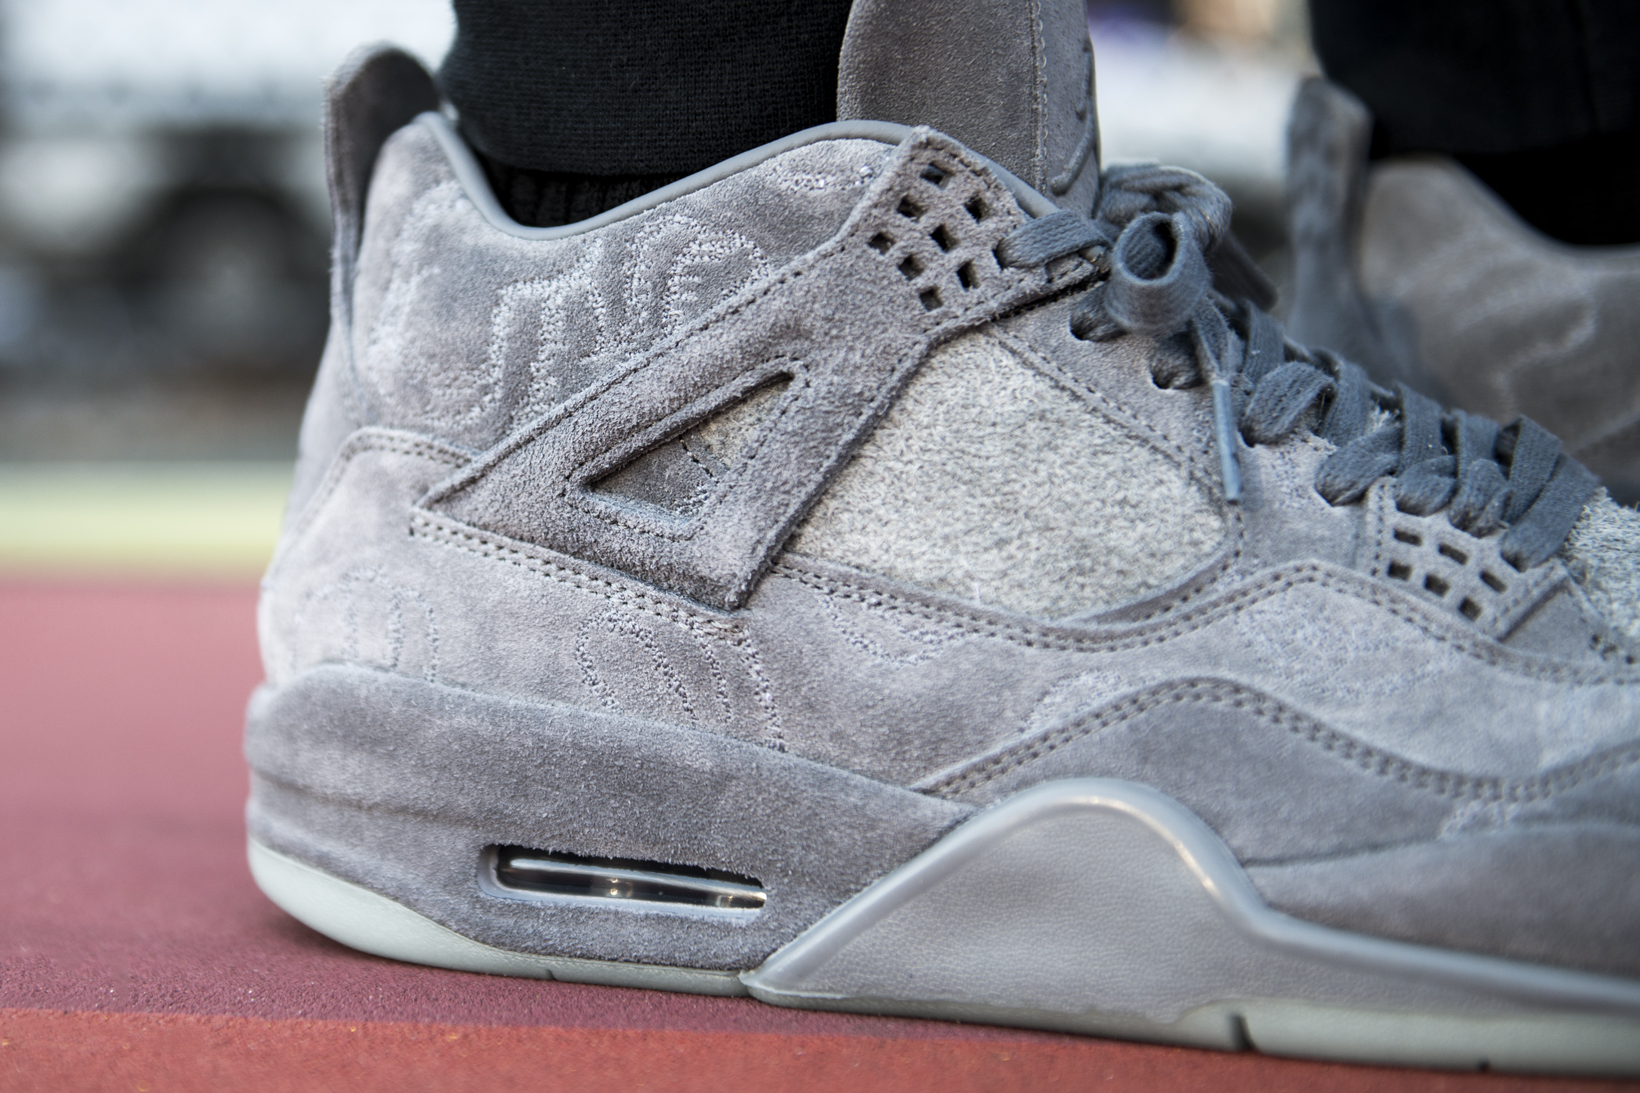 KAWS Air Jordan 4 Closer Look - 3748839